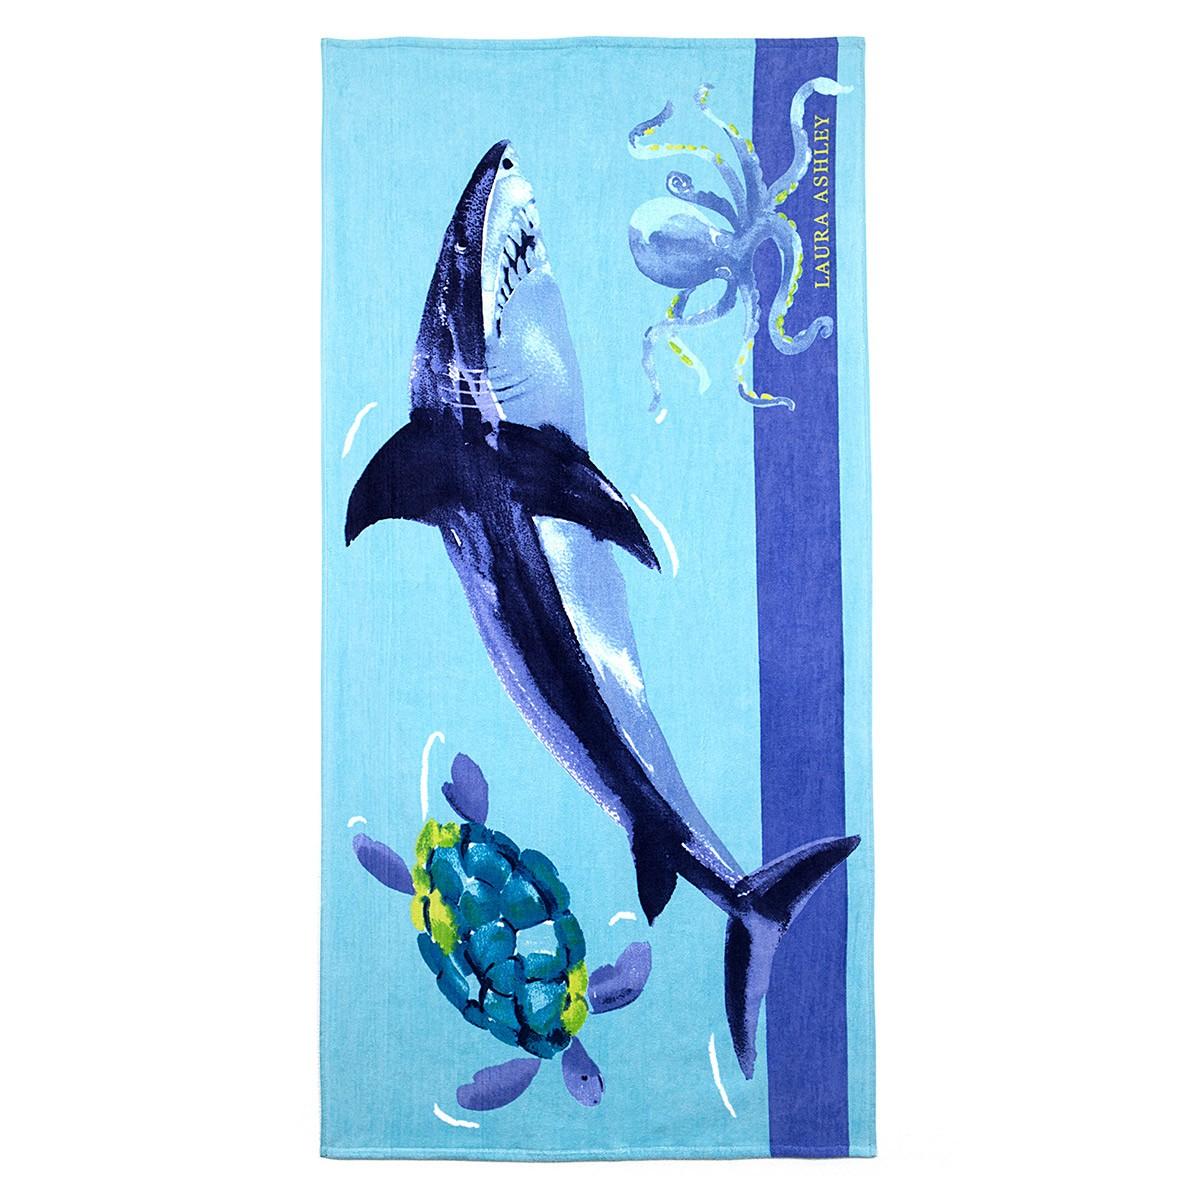 Παιδική Πετσέτα Θαλάσσης Laura Ashley Shark home   θαλάσσης   πετσέτες θαλάσσης παιδικές